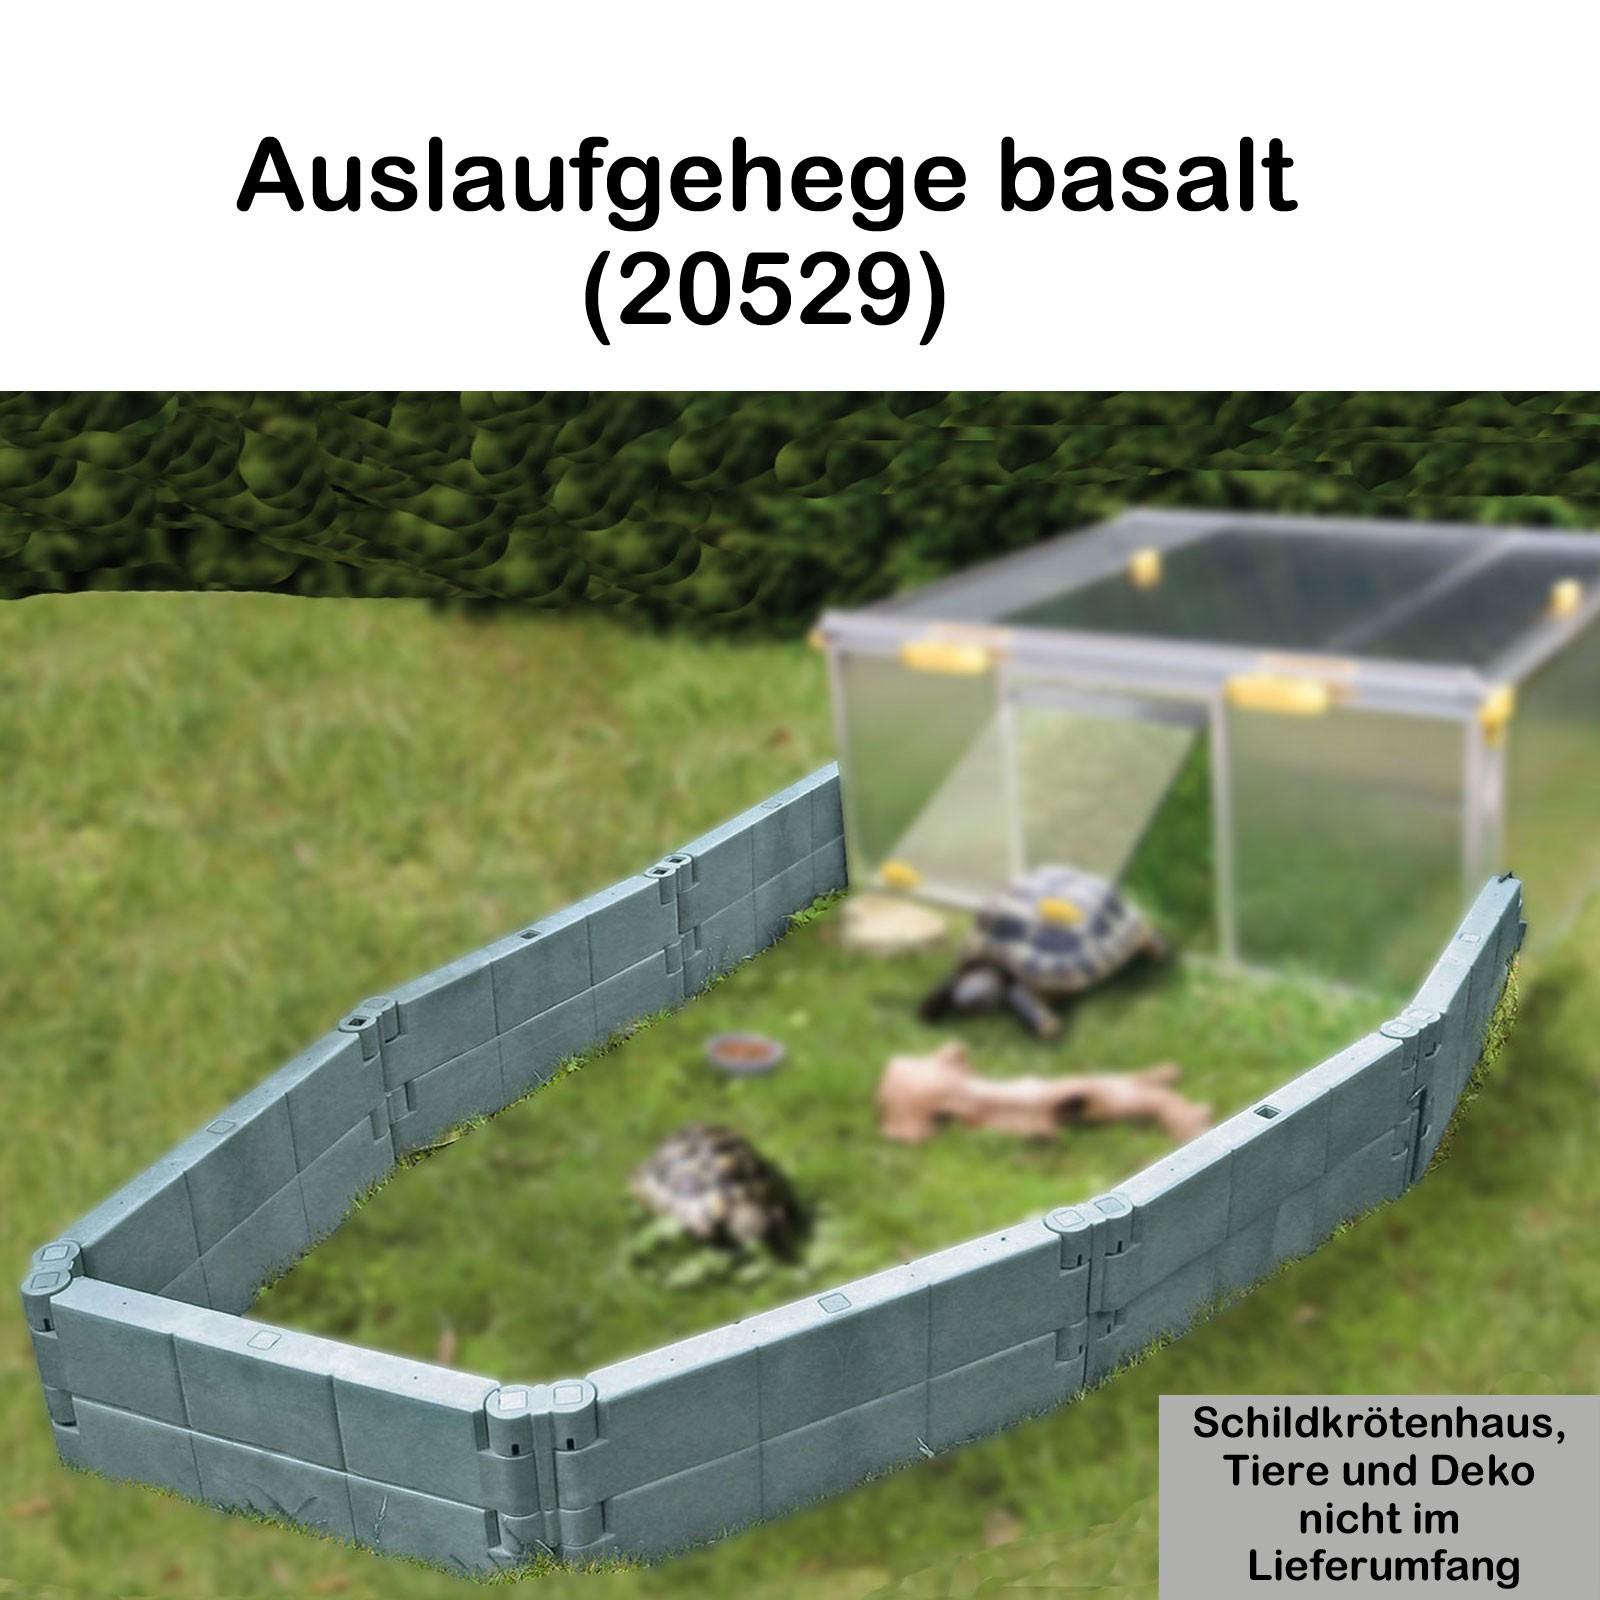 Juwel Schildkrötenhaus PAULA m./o. Zubehör Anbausatz Freigehege 20529